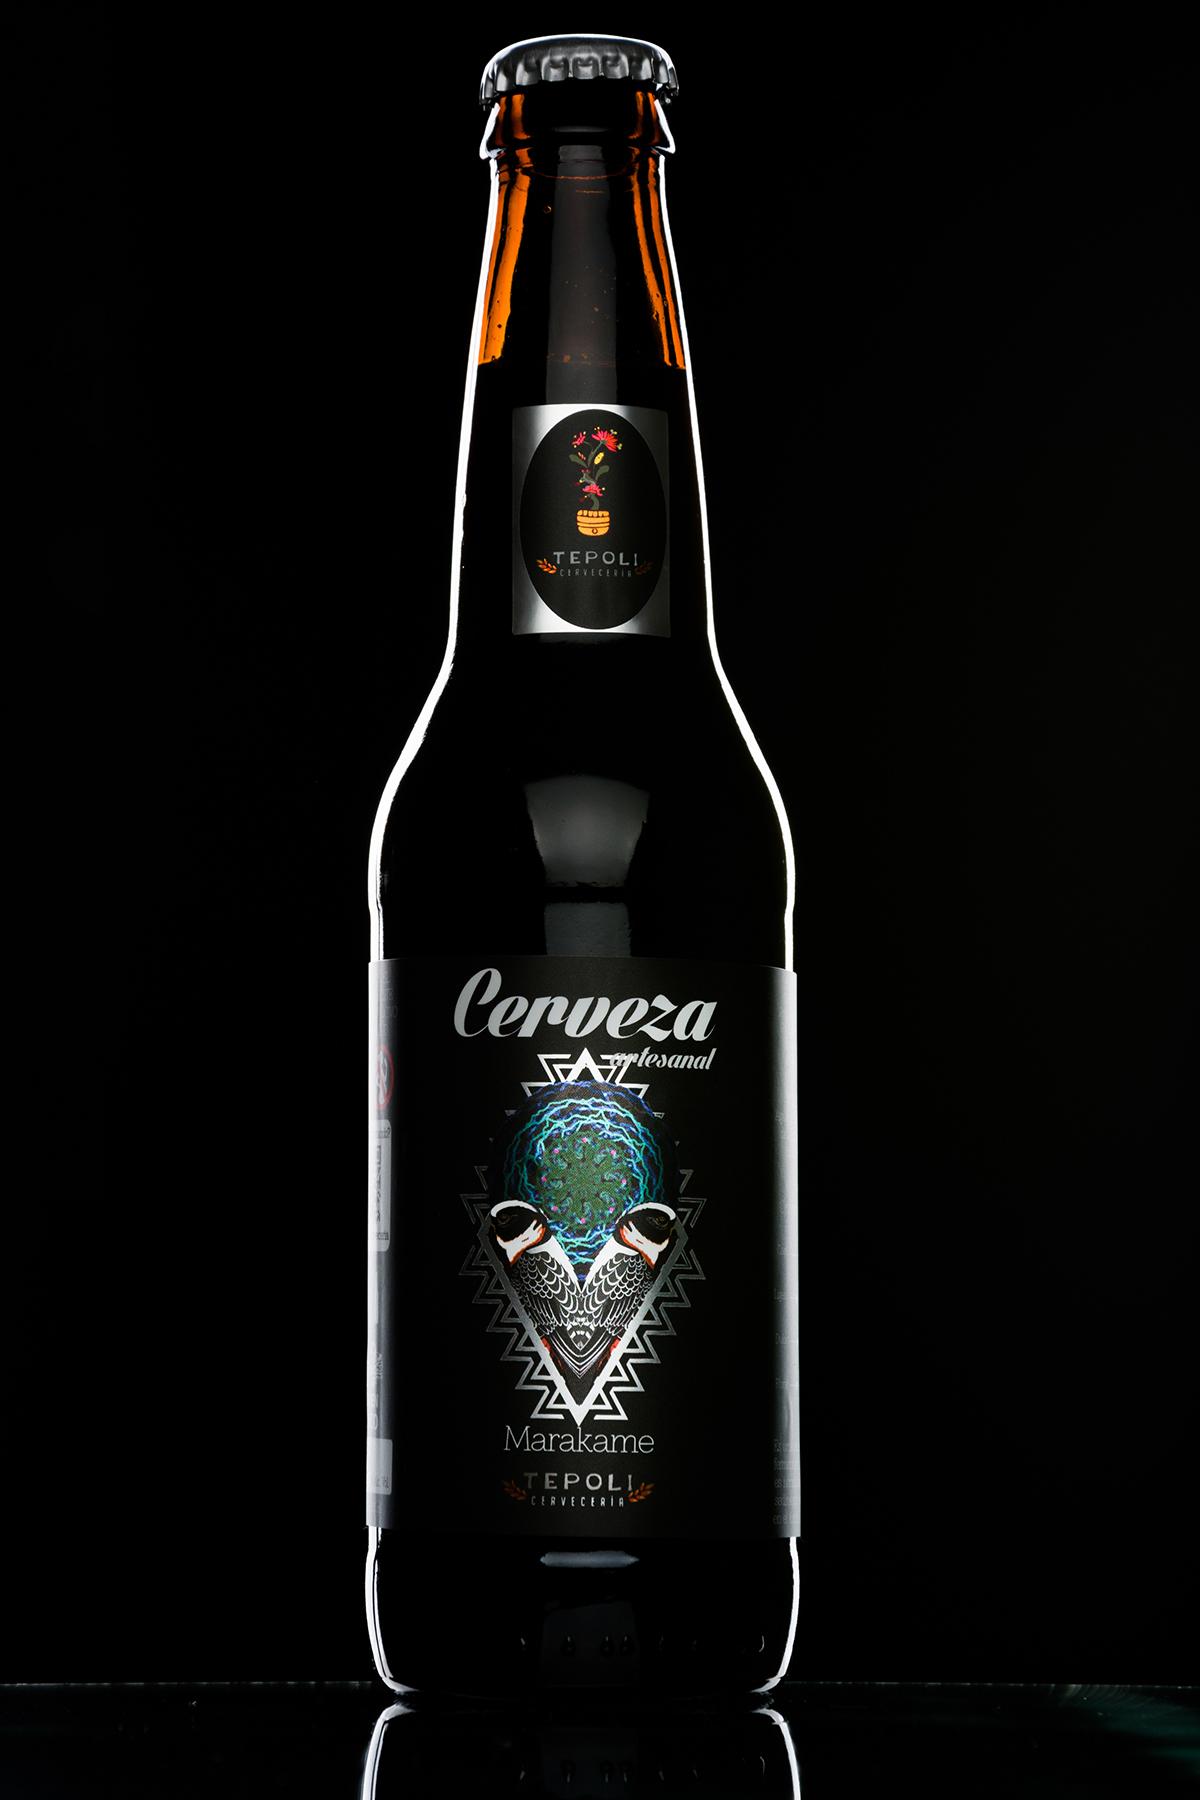 photo foto Fotografia producto cerveza tepoli locarco carlo oc Guanajuato Flash